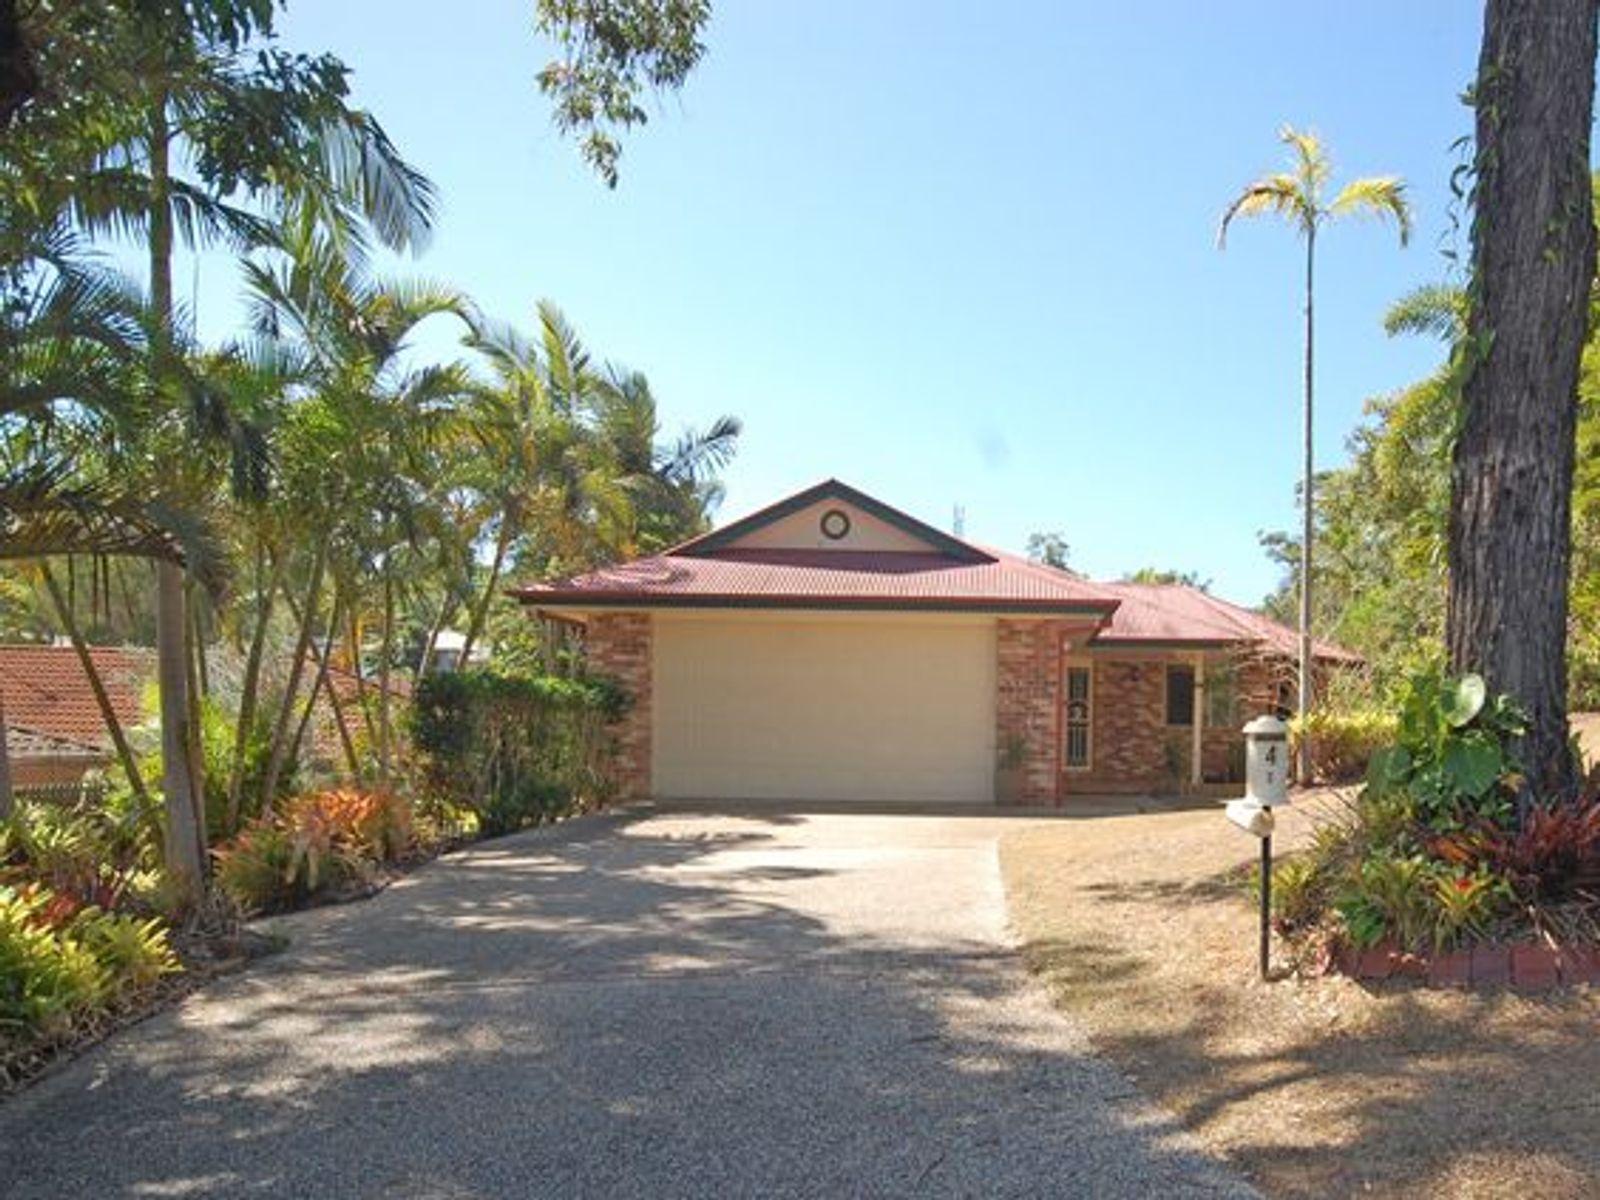 4 Luisa Court, Benowa, QLD 4217